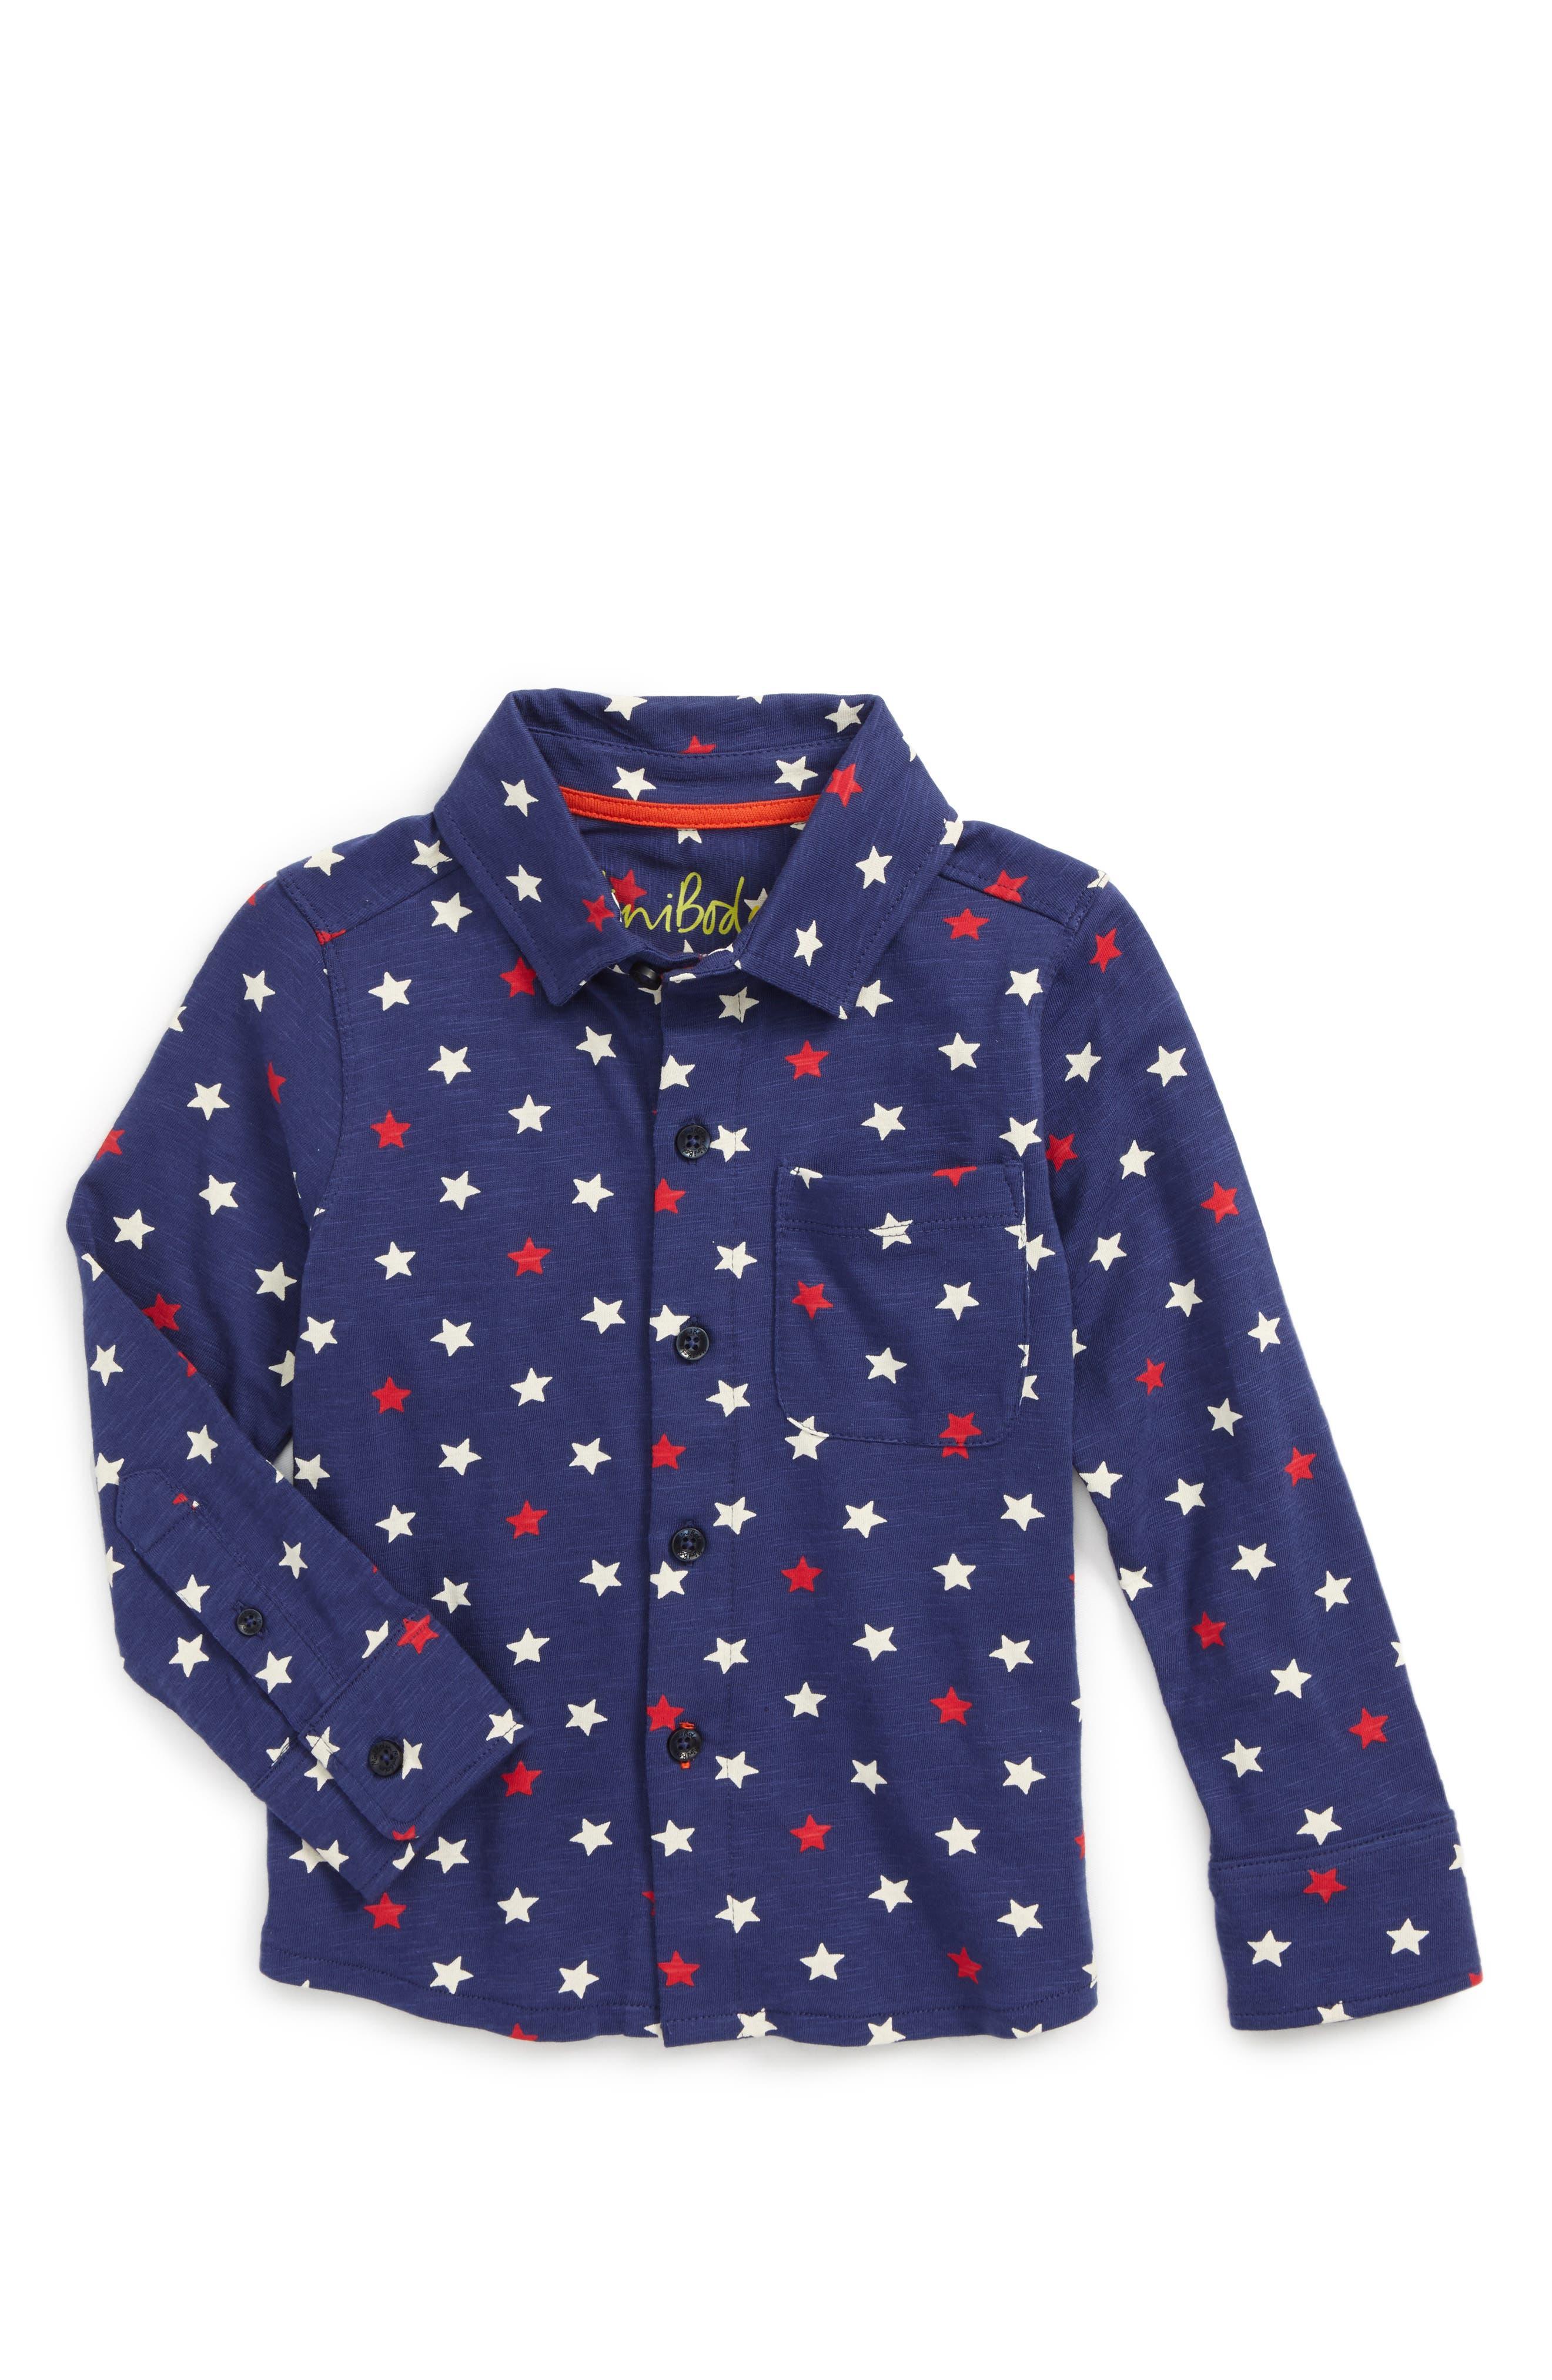 MINI BODEN Star Print Jersey Shirt